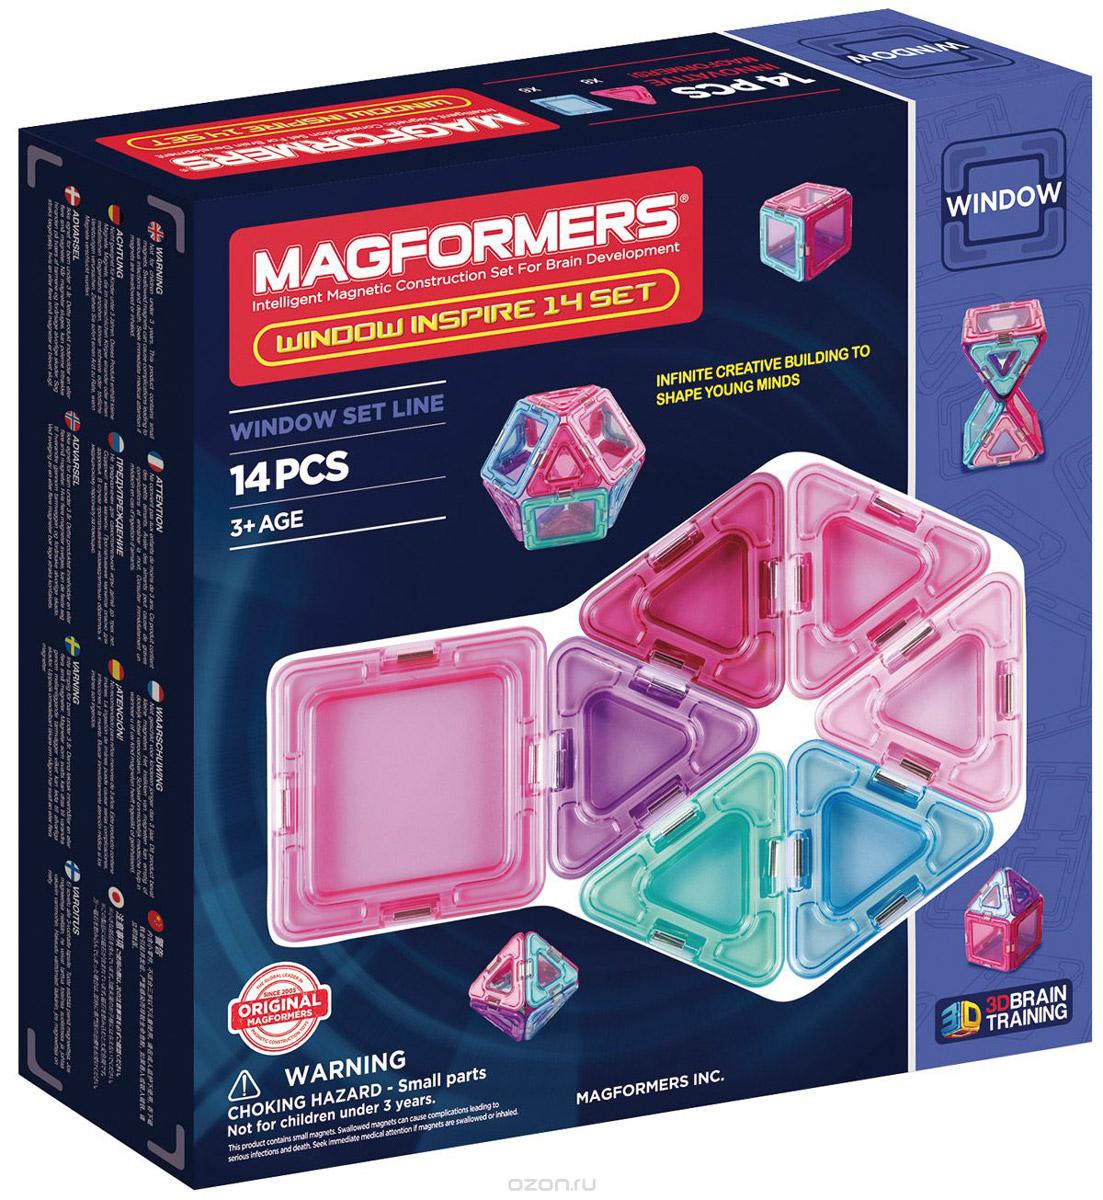 Magformers Магнитный конструктор Window Inspire714003Window Inspire 14 Set — представитель новой серии Window, в которую также входят Window Basic 14 Set и Window Basic 30 Set. Особенностью этой серии являются магнитные детали со сплошным центром, из которых можно собрать непрозрачные модели. Magformers Window Inspire 14 — это специальное издание набора Magformers Window 14 в мягких пастельных цветах. Нежные оттенки розового, фиолетового и голубого особенно придутся по душе девочкам. Набор Window Inspire 14 прекрасно подойдет тем, кто только начинает знакомство с магнитными конструкторами Магформерс. В его состав входят 14 элементов: 6 квадратов и 8 треугольников. С этими базовыми деталями ребенок быстро освоит построение предметов на плоскости, а затем с легкостью перейдет к конструированию трехмерных моделей. Каждая деталь содержит окошко из цветного прозрачного пластика, что открывает новые возможности для творчества. Все элементы Magformers Window Inspire 14 также совместимы с любыми другими наборами Магформерс, что позволяет...